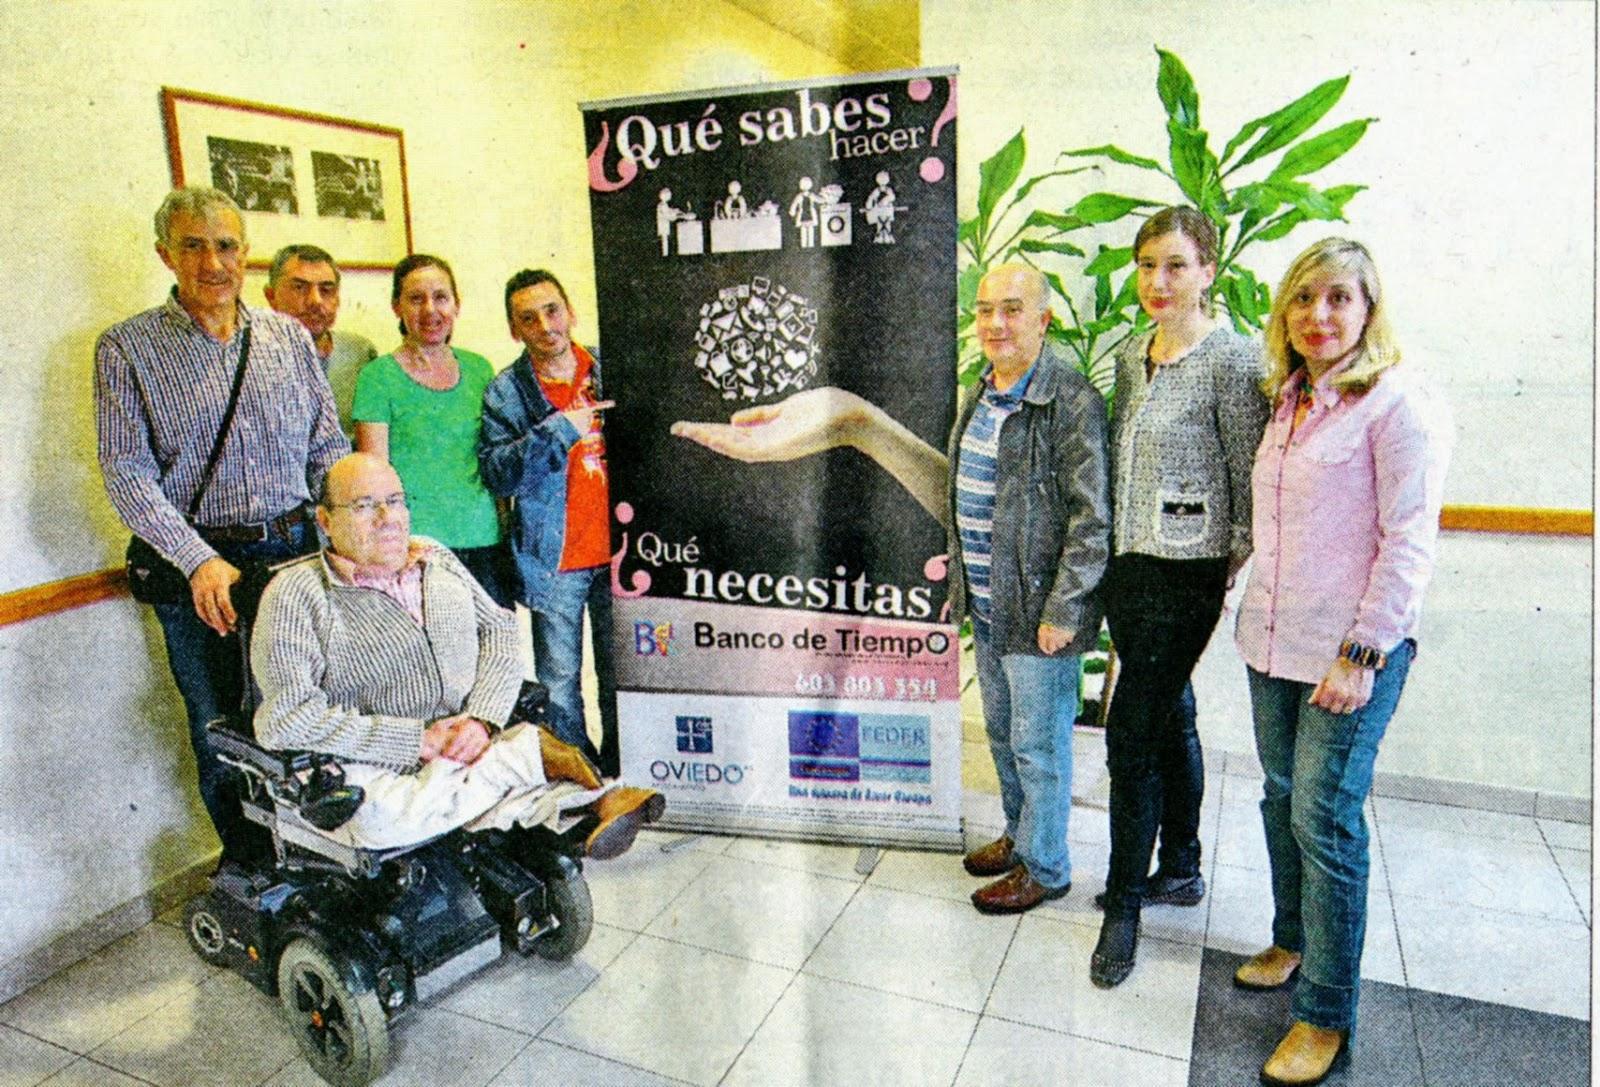 En la foto, Jesús Valles, Javier Allonca, Maricruz Valles, Pilar Gomez y Jesús García, miembros de la junta  directiva de Asparve y Manolo, Sandra y Jose Manuel voluntarios habituales del banco.